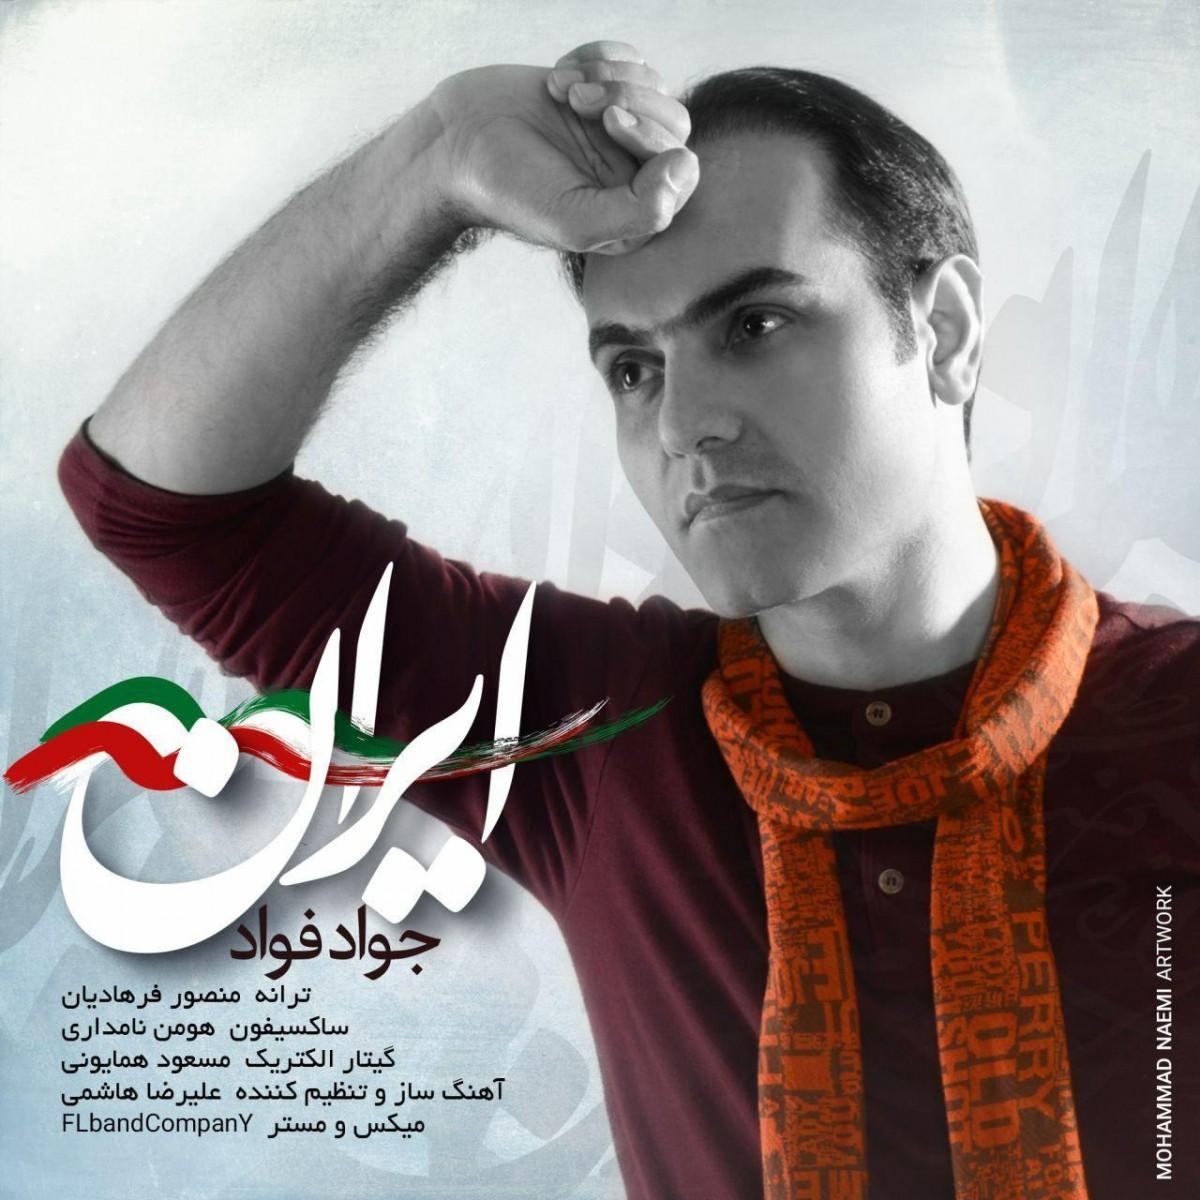 نامبر وان موزیک | دانلود آهنگ جدید Javad-Foad-Iran